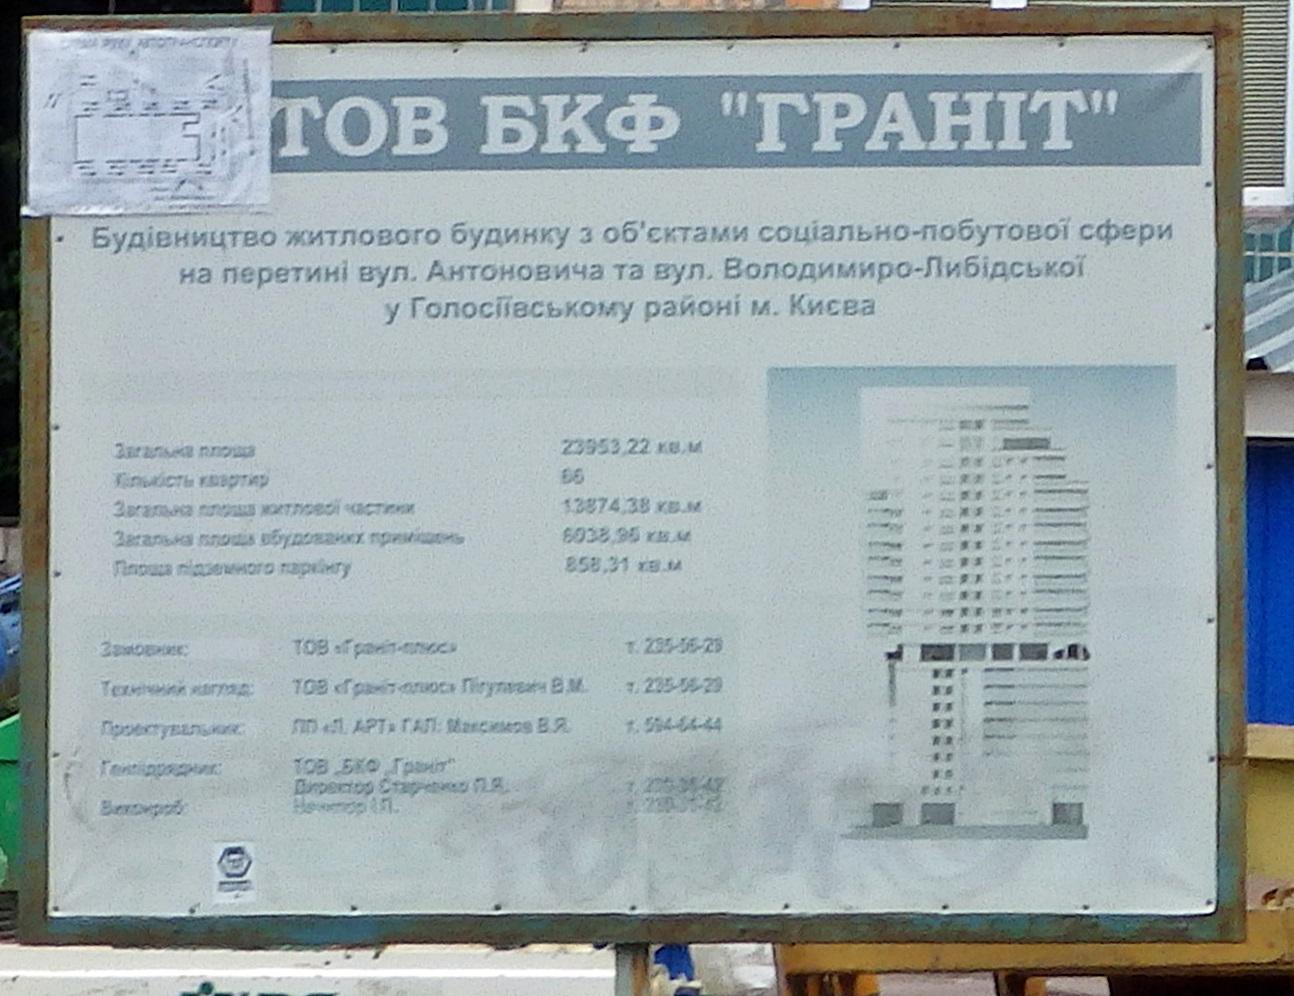 Пасспорт ЖК Владимирский